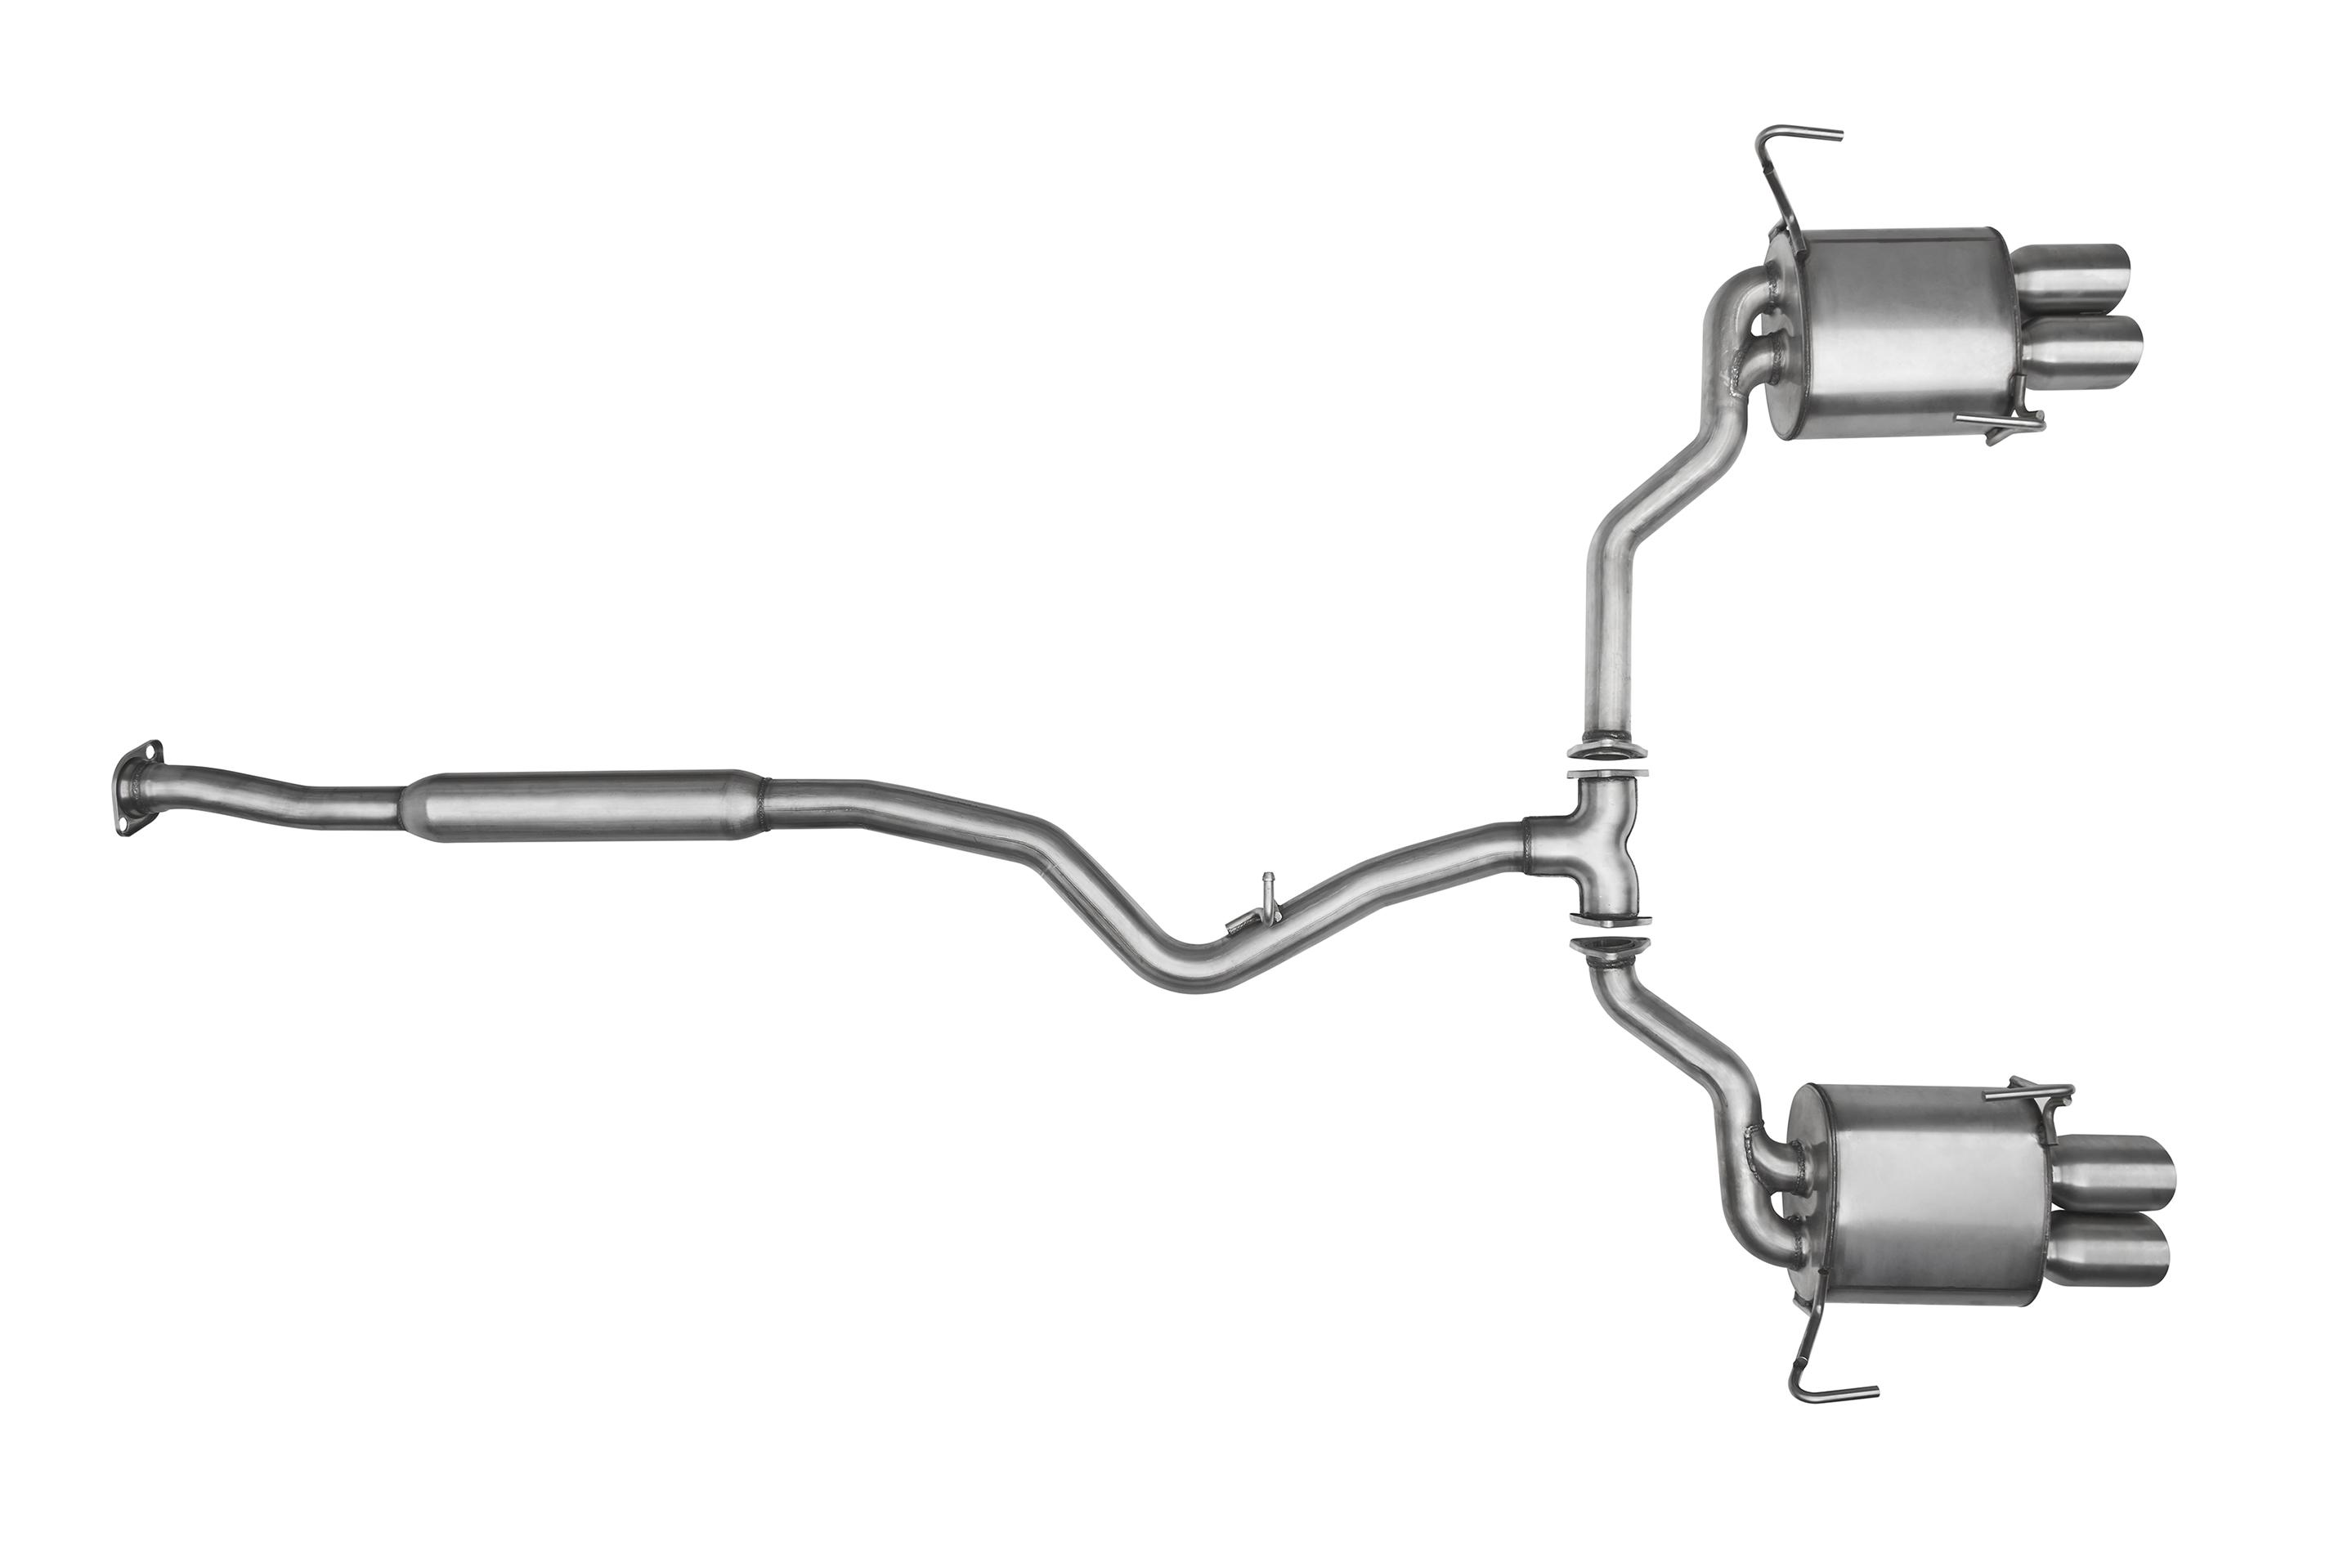 2016 Subaru STI Sti performance™ exhaust (sti